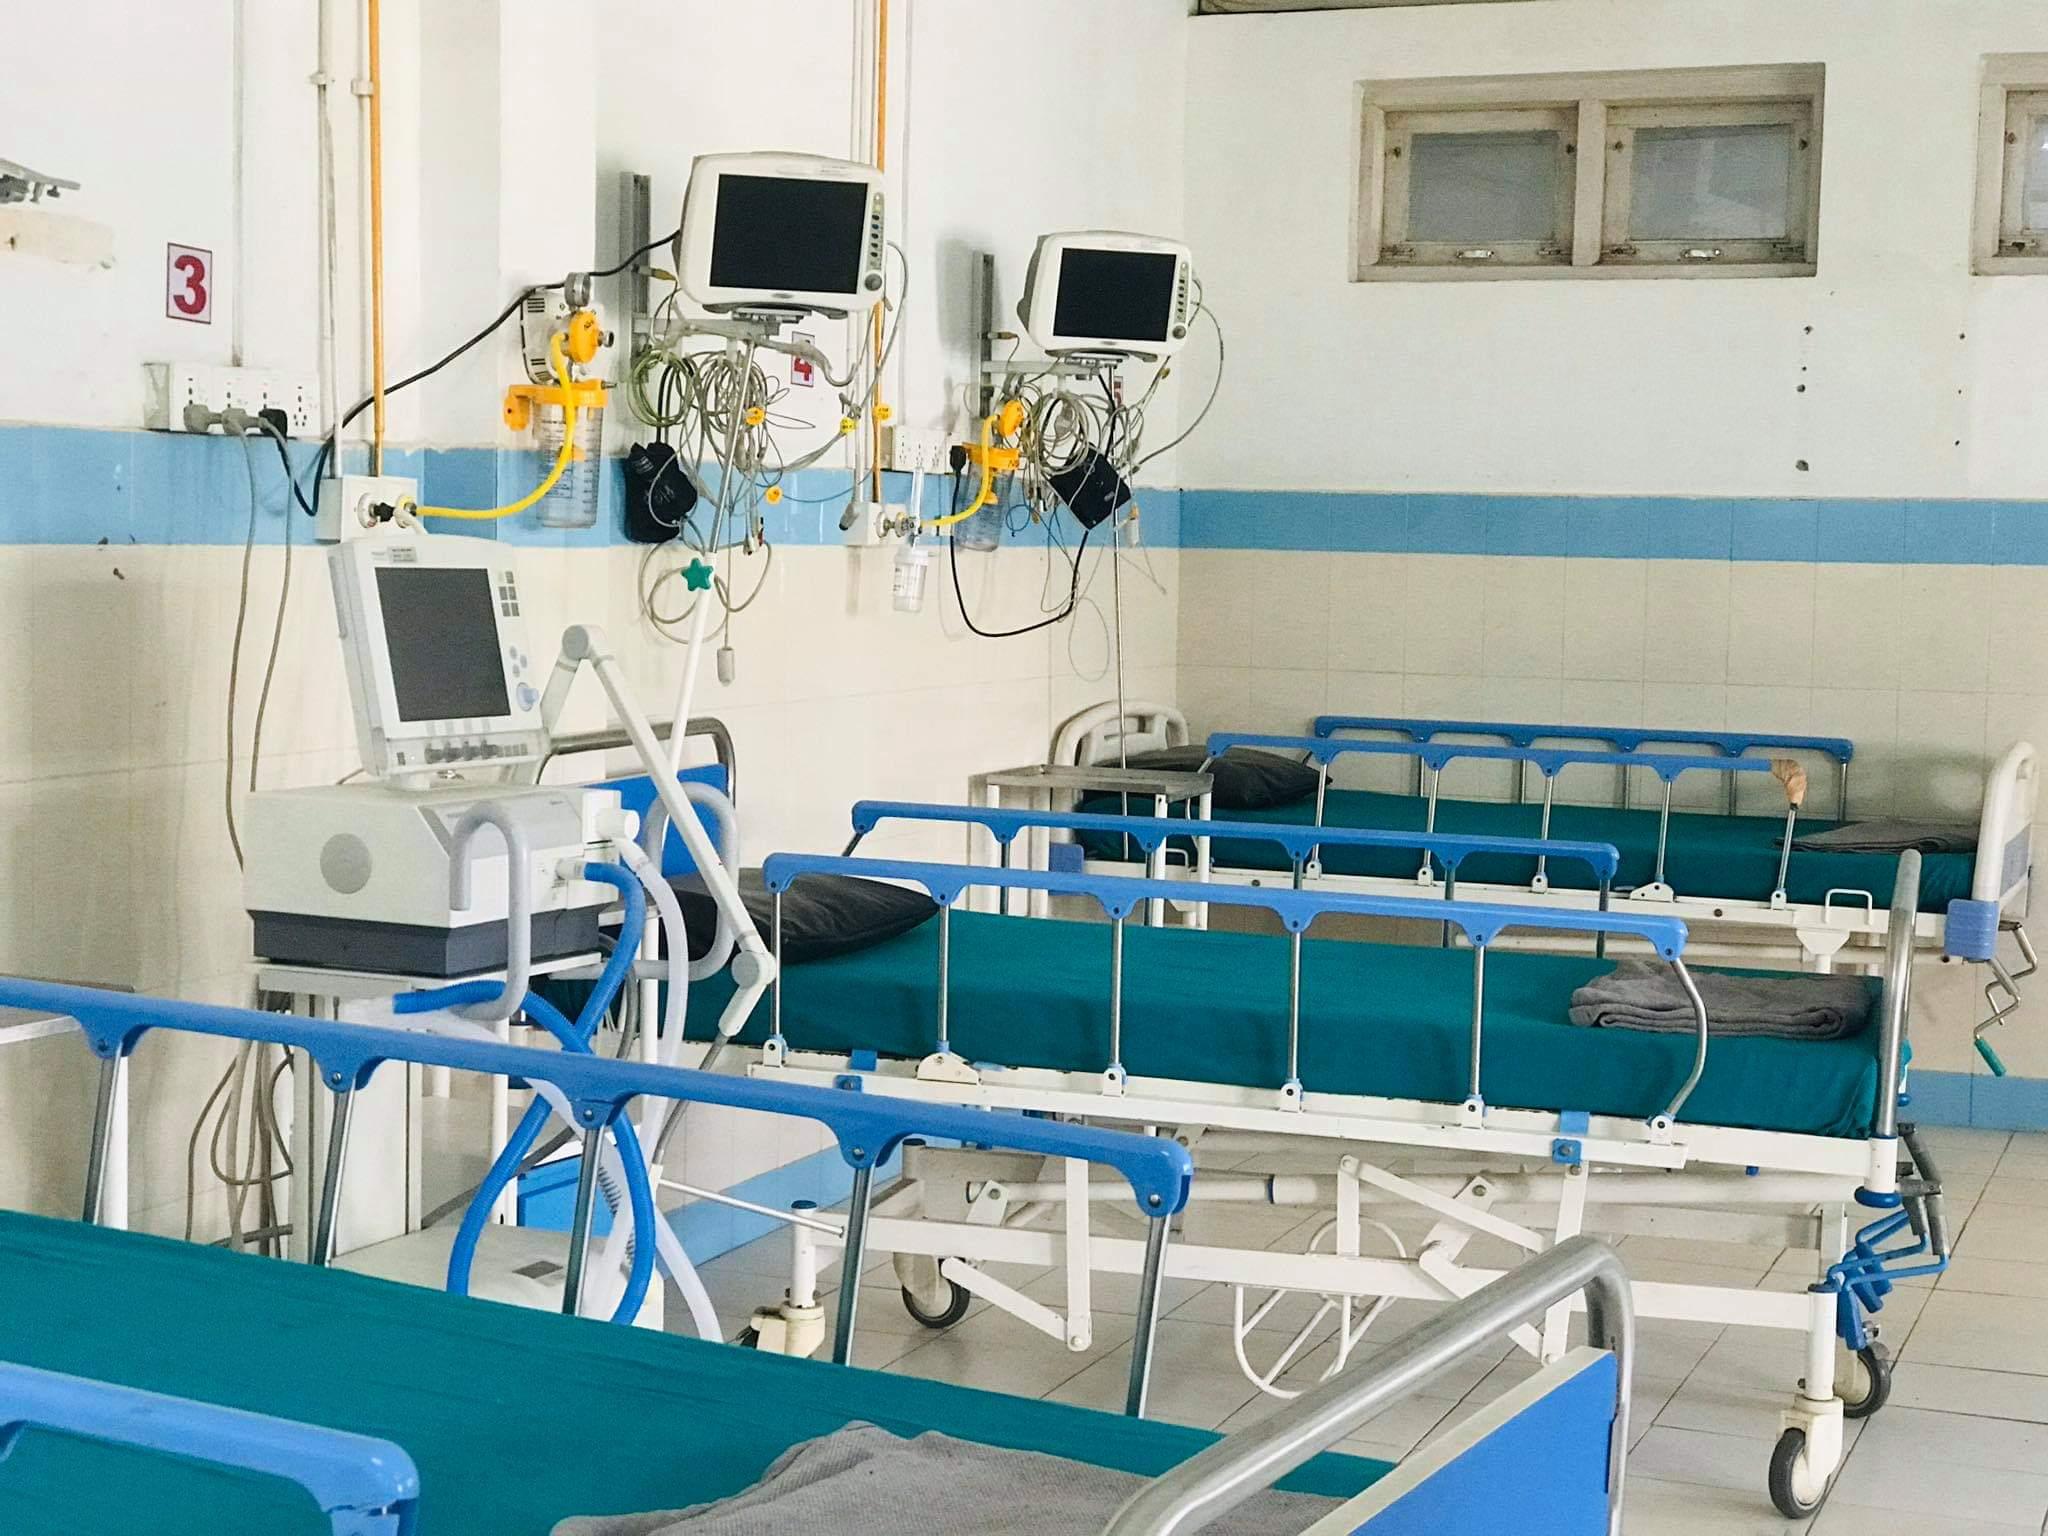 अस्पतालमा बिरामी बढेपनि अझै सञ्चालनमा आएको छैन आइसीयू